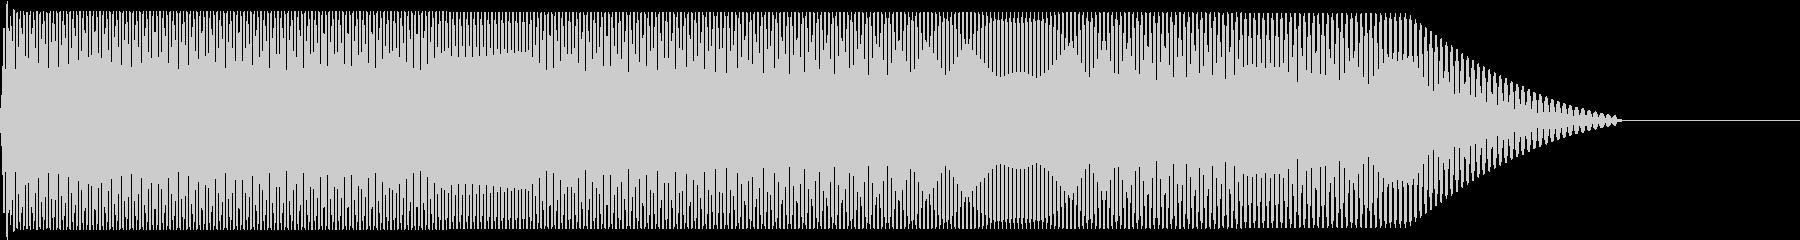 メタルコアベースドロップ A1→A0の未再生の波形